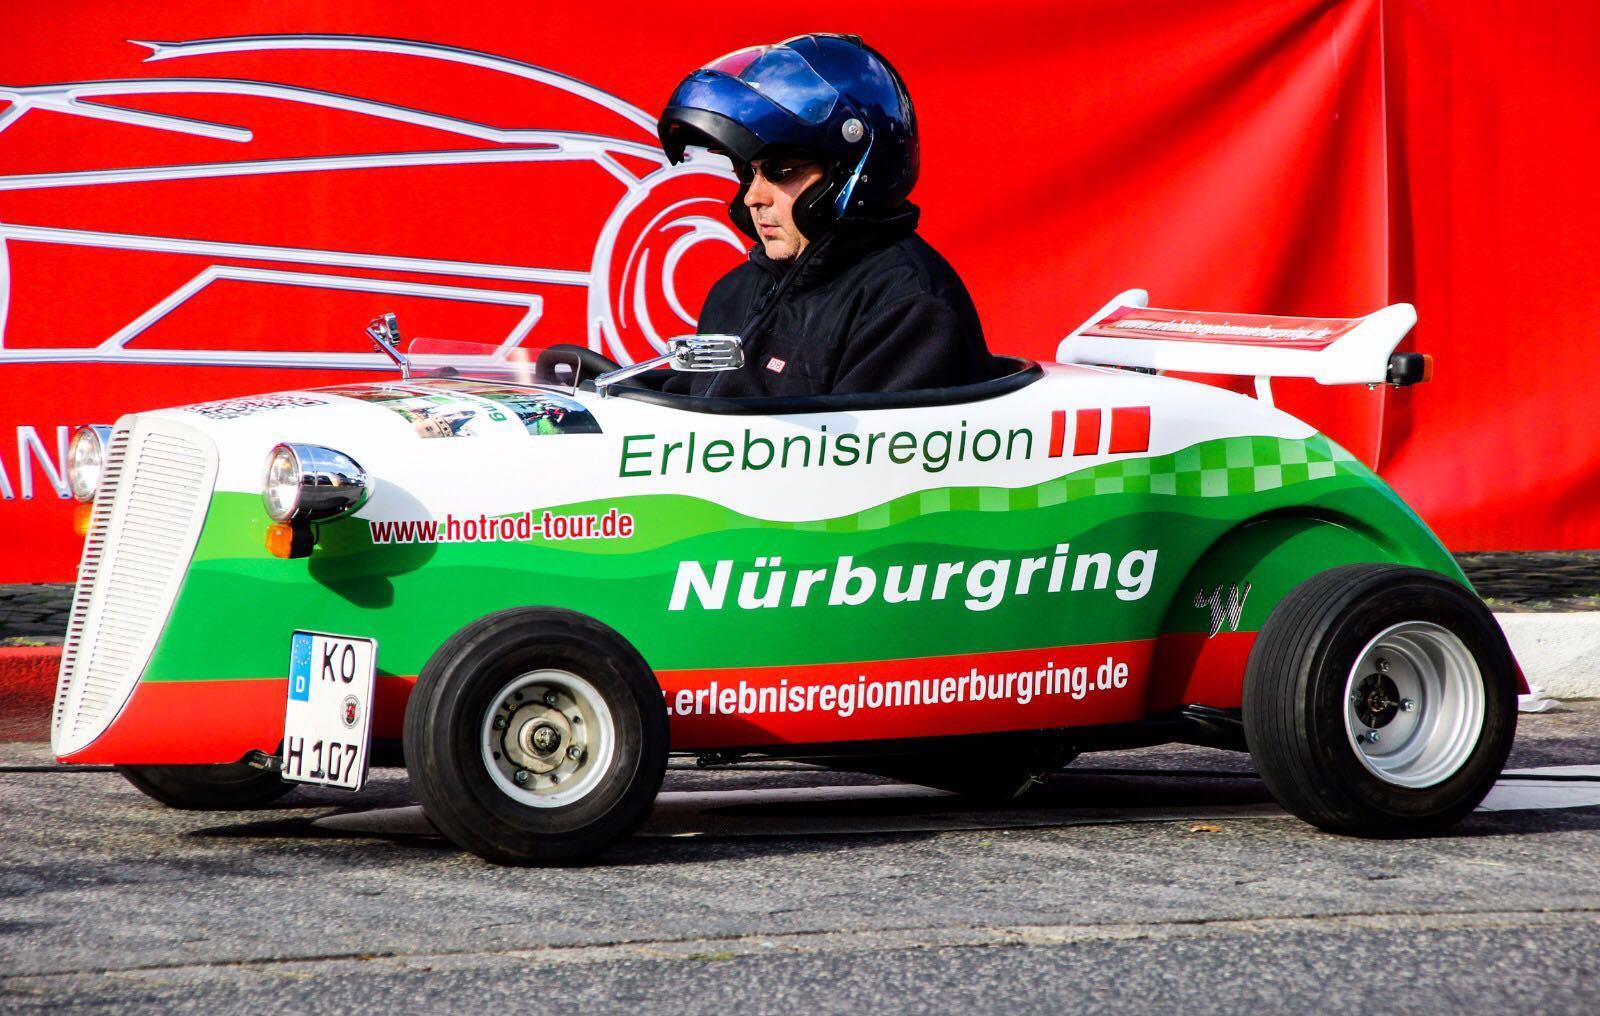 @ Ralf Drubel